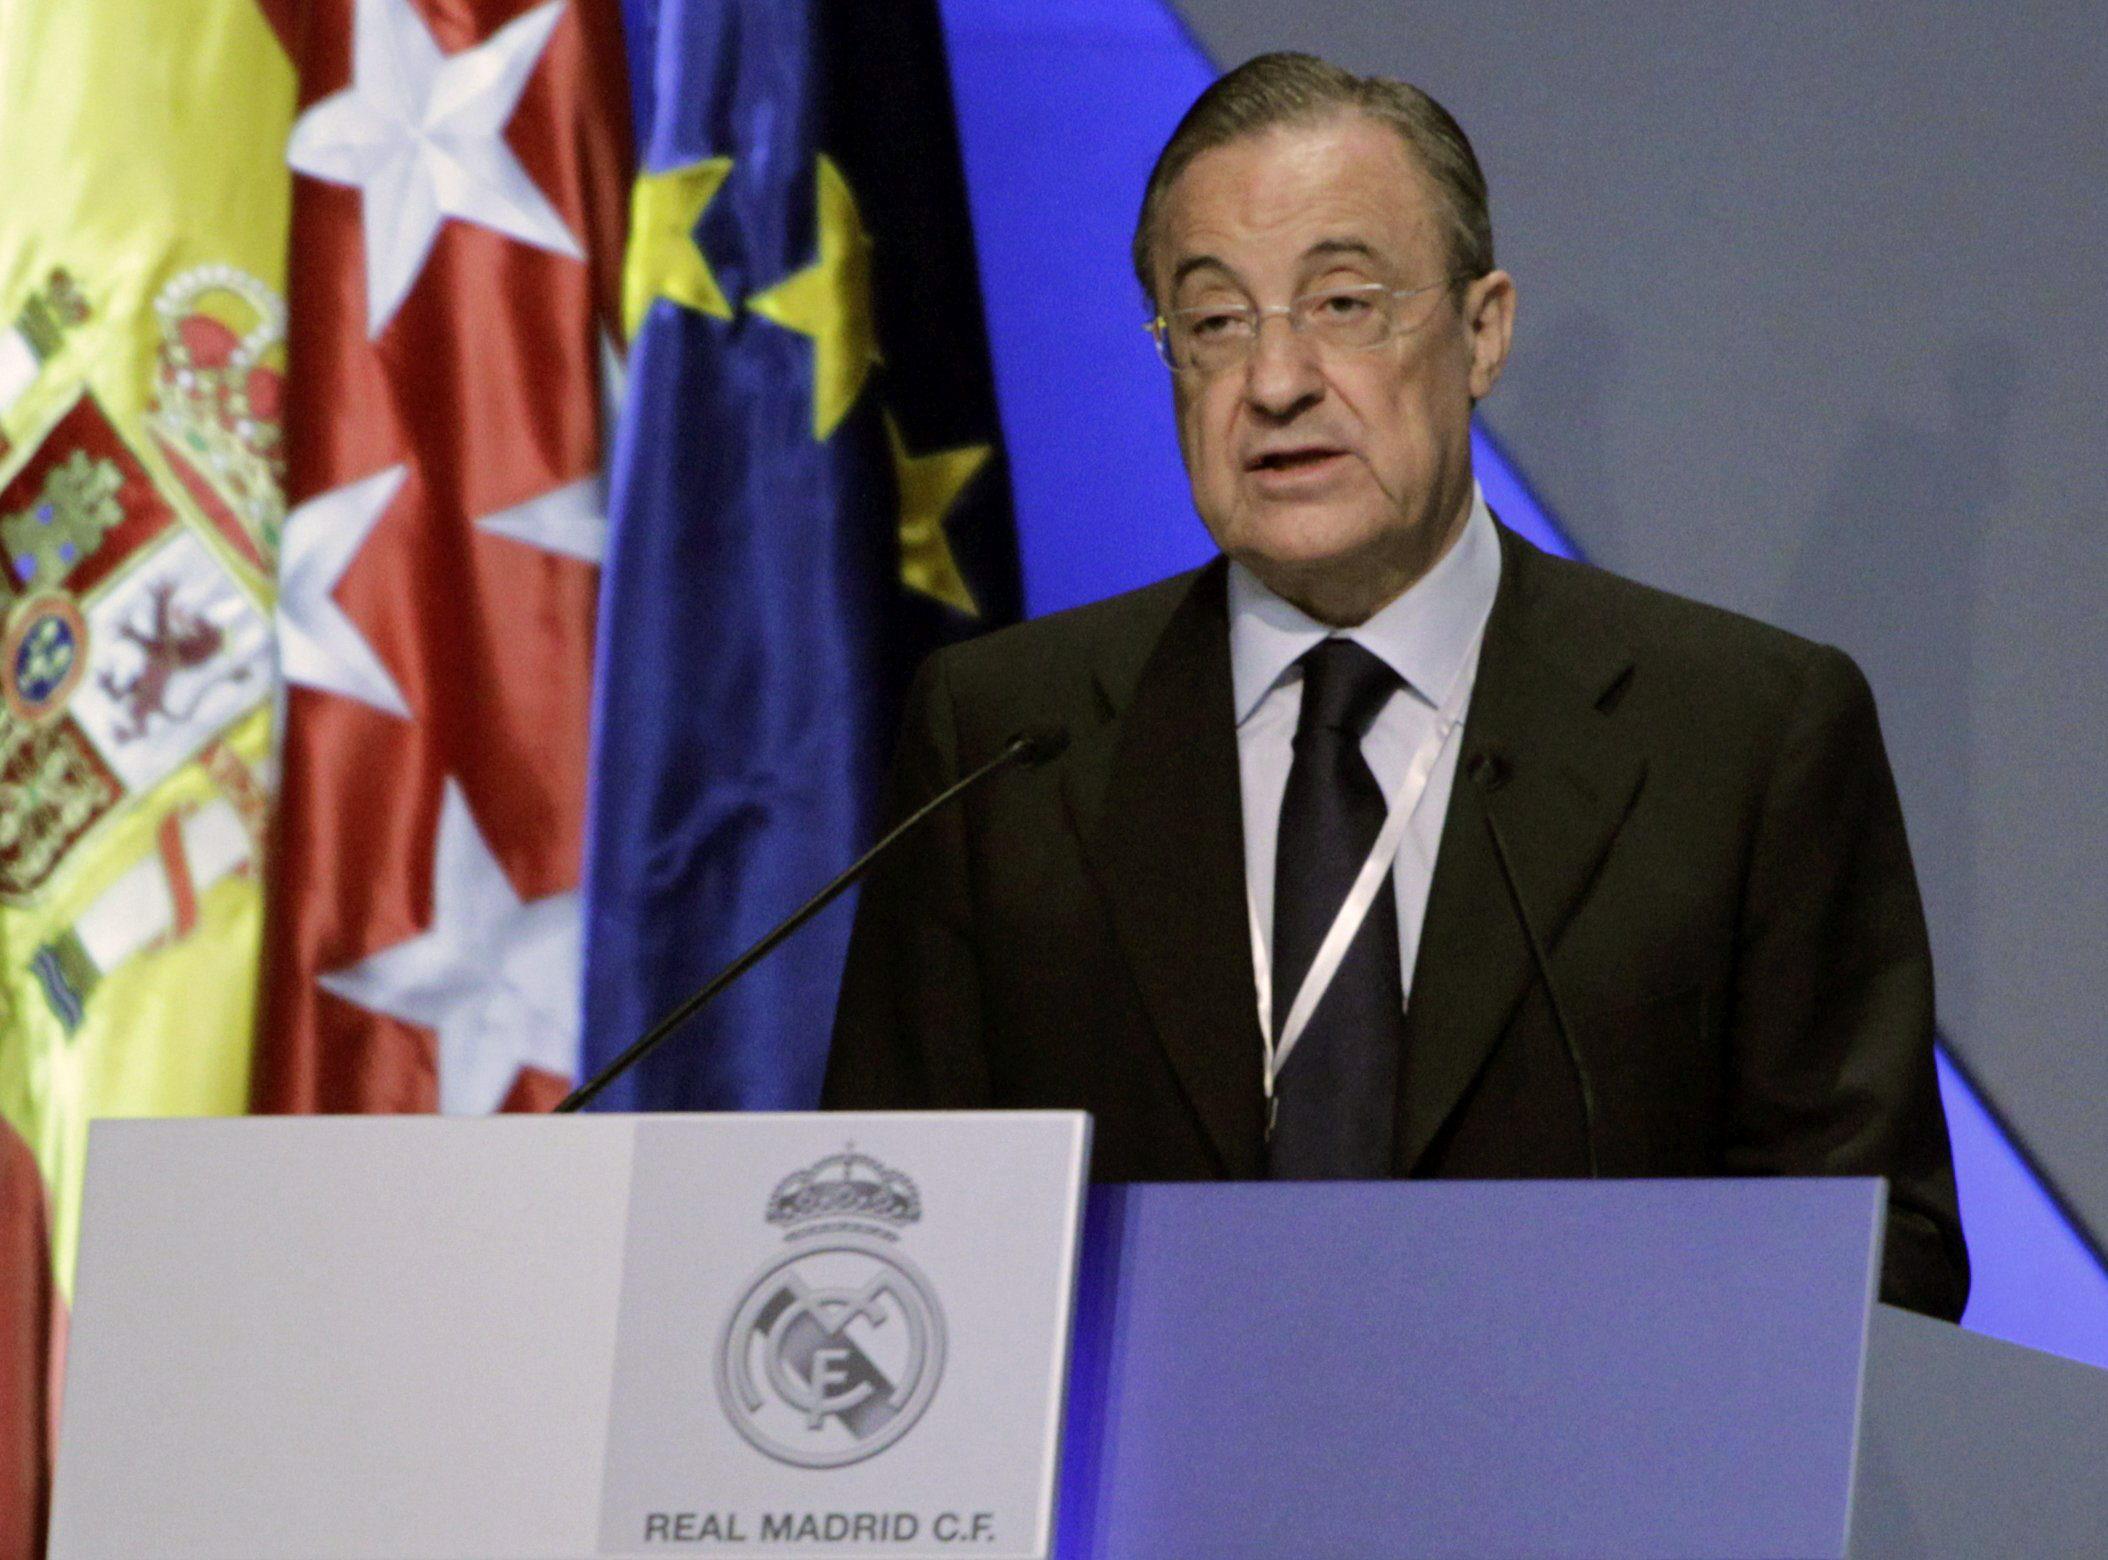 Los socios del Real Madrid, muy críticos con la prensa durante la asamblea